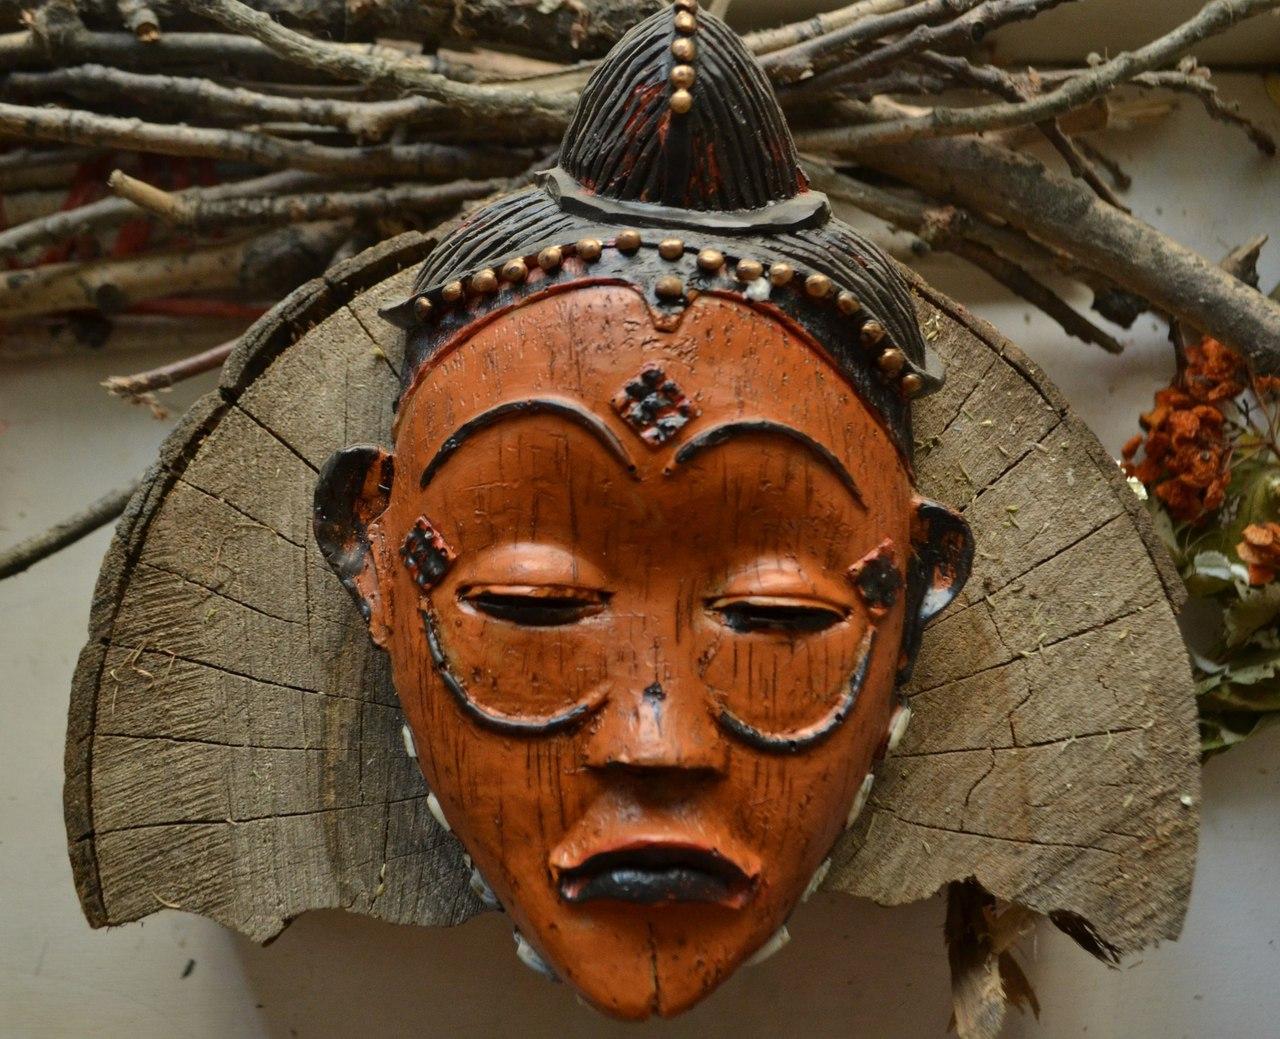 описаниемасок - Настенные маски с магическими программами.  Tx3qCSxS00Q